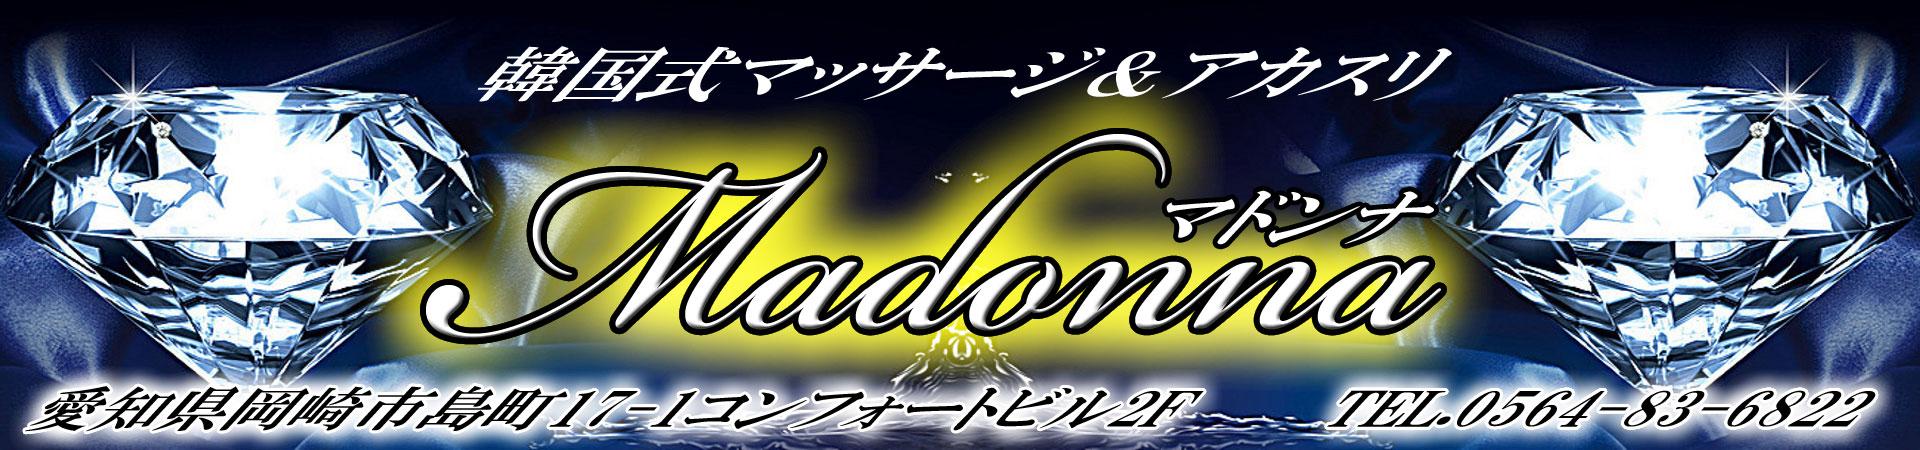 【マドンナ】岡崎/愛知